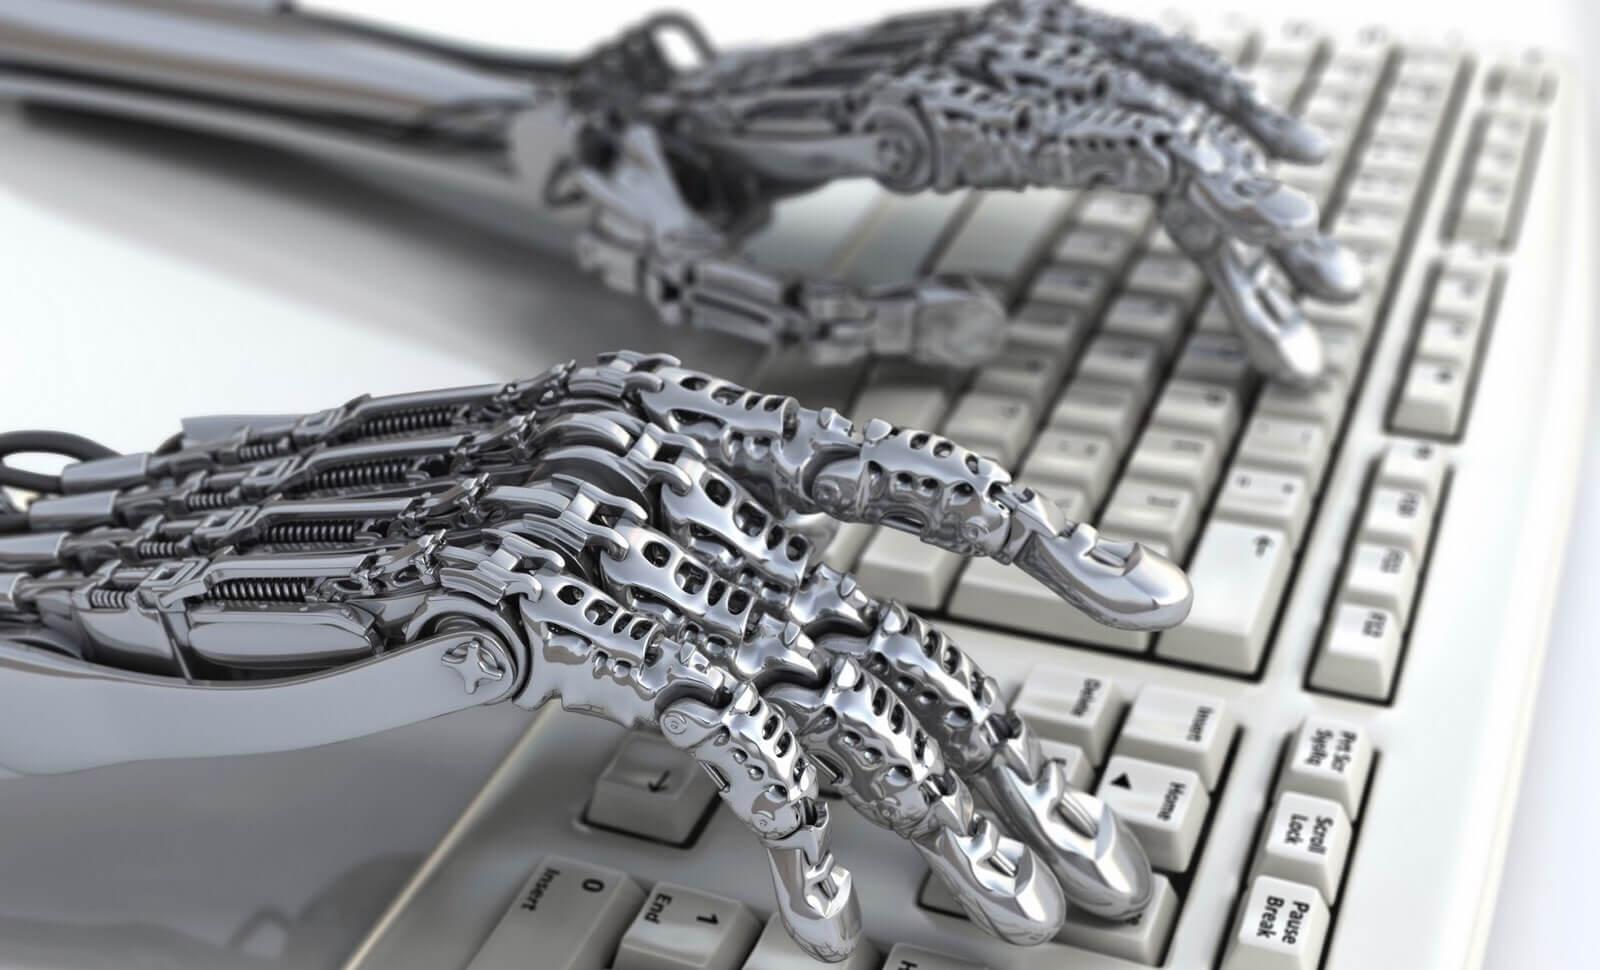 Судный день всё ближе: ИИ научился писать код, воруя его у других программ